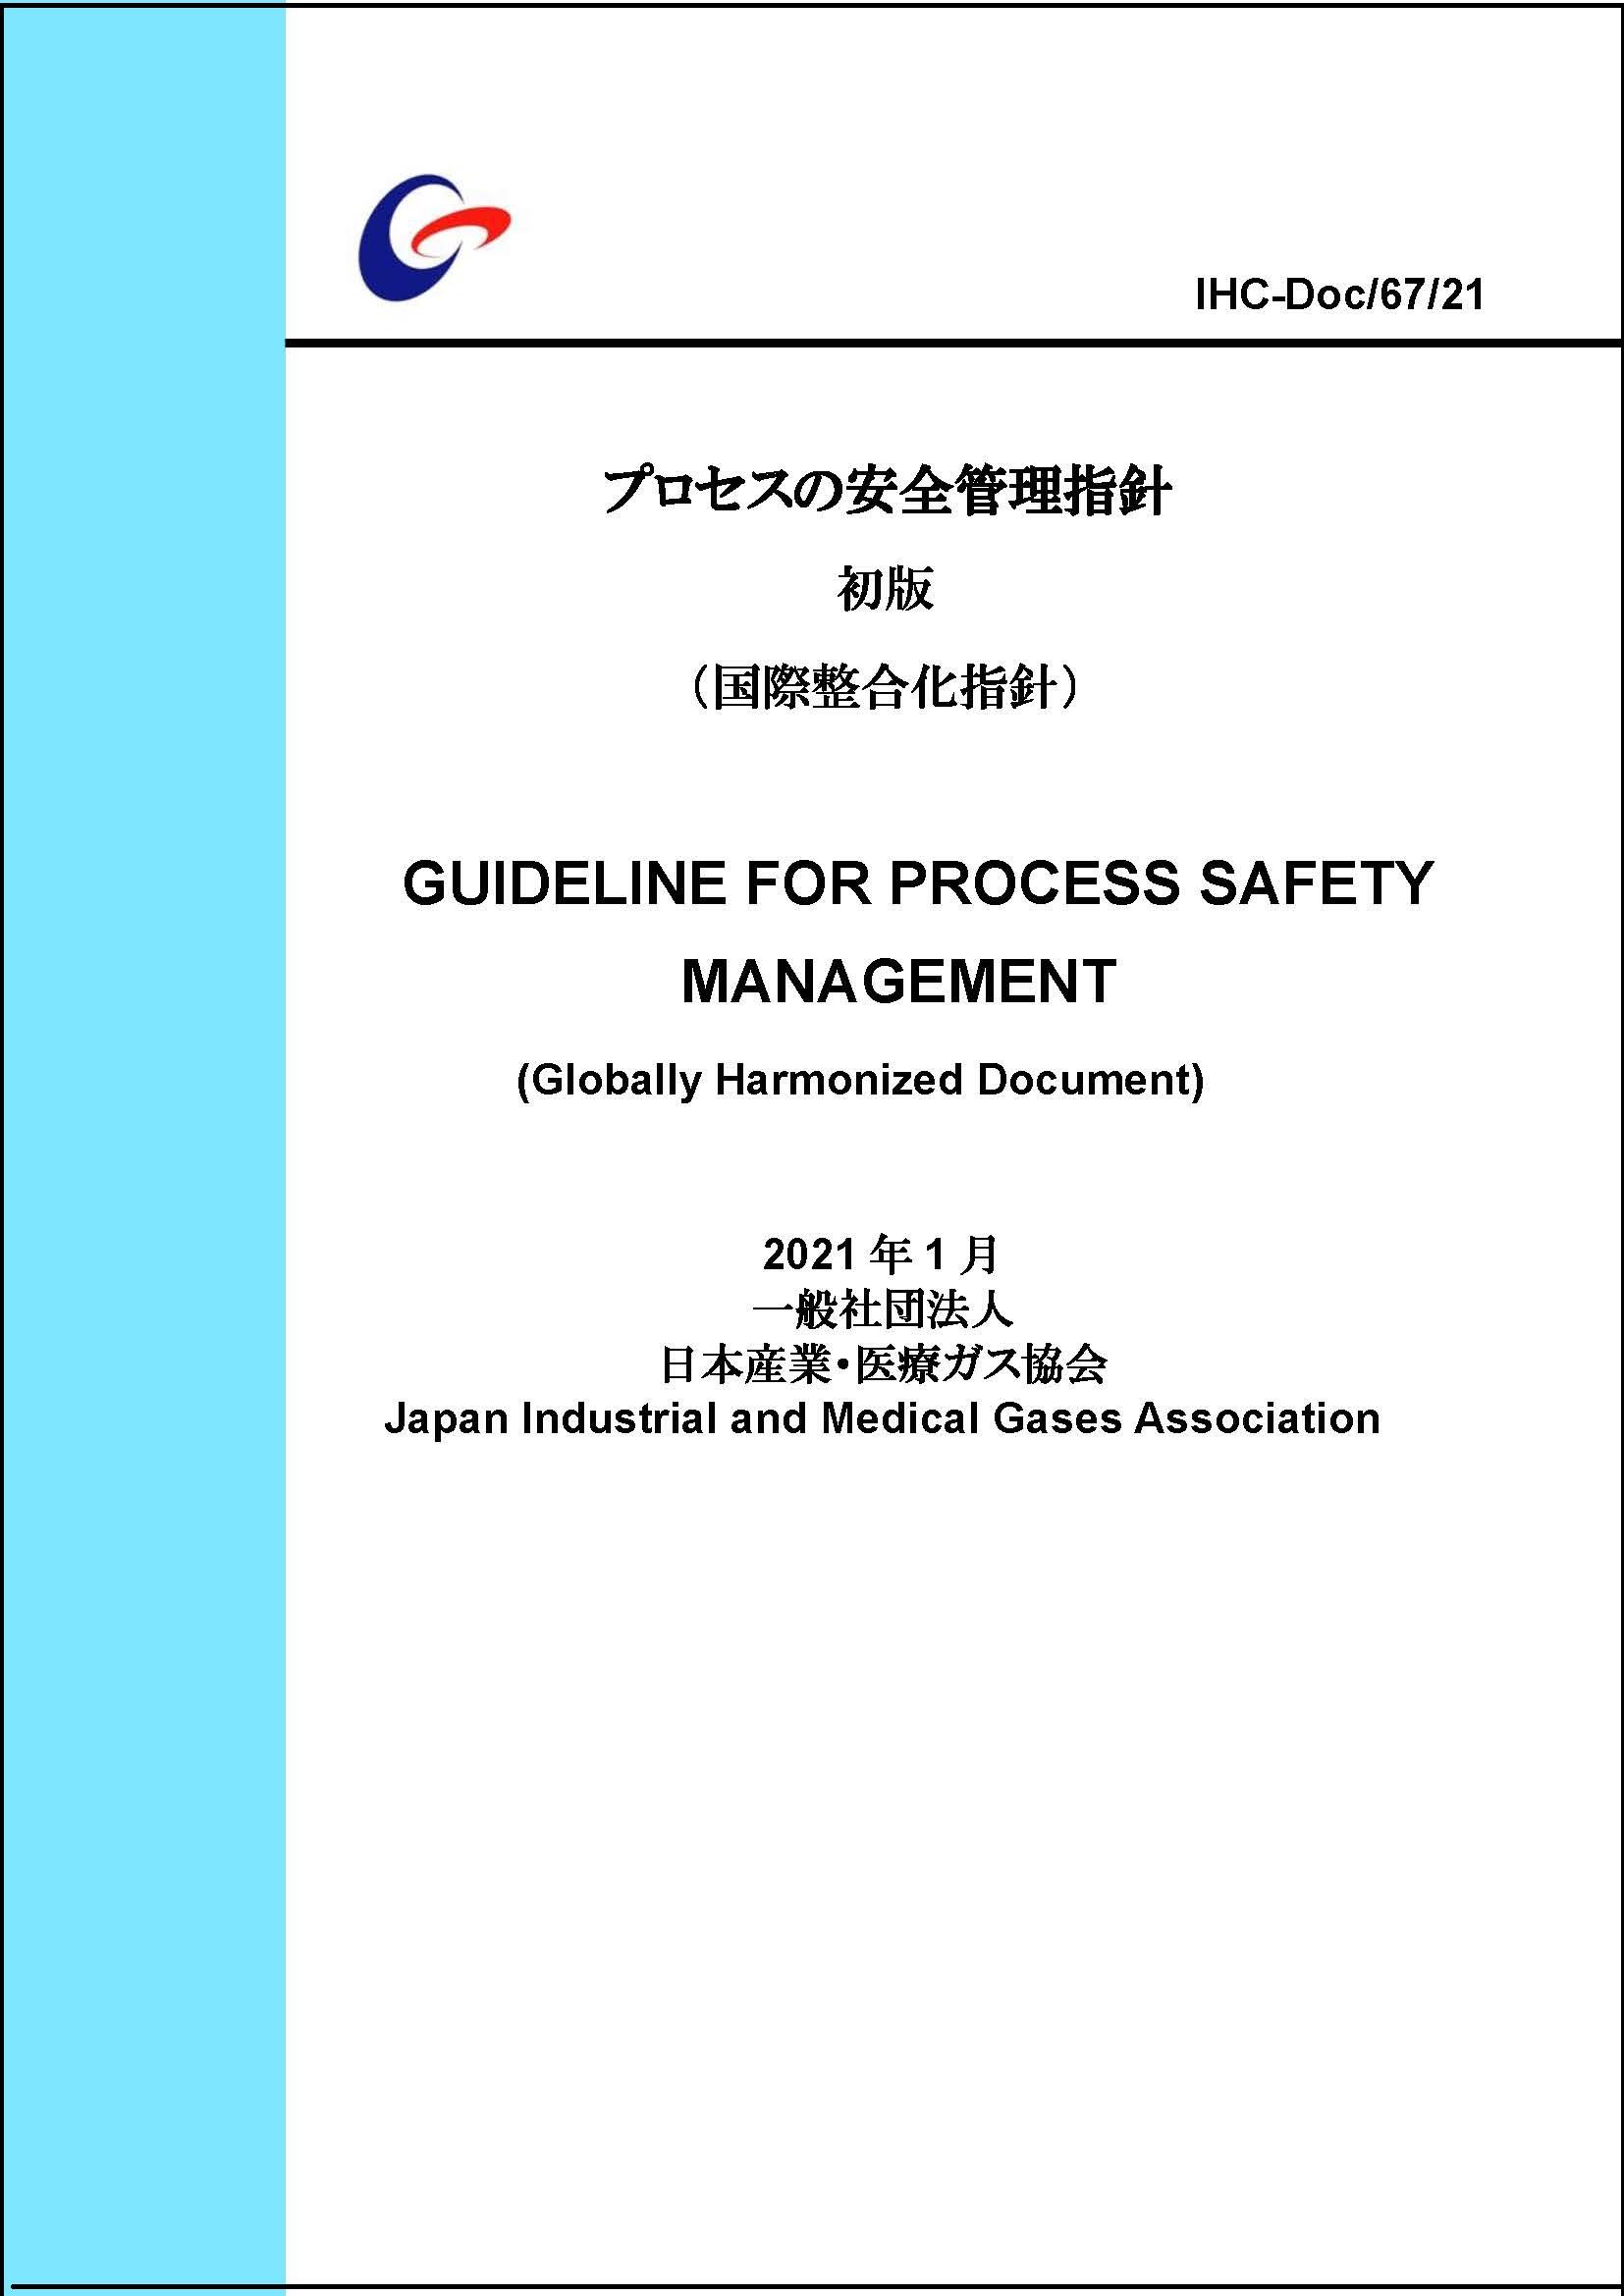 プロセスの安全管理指針